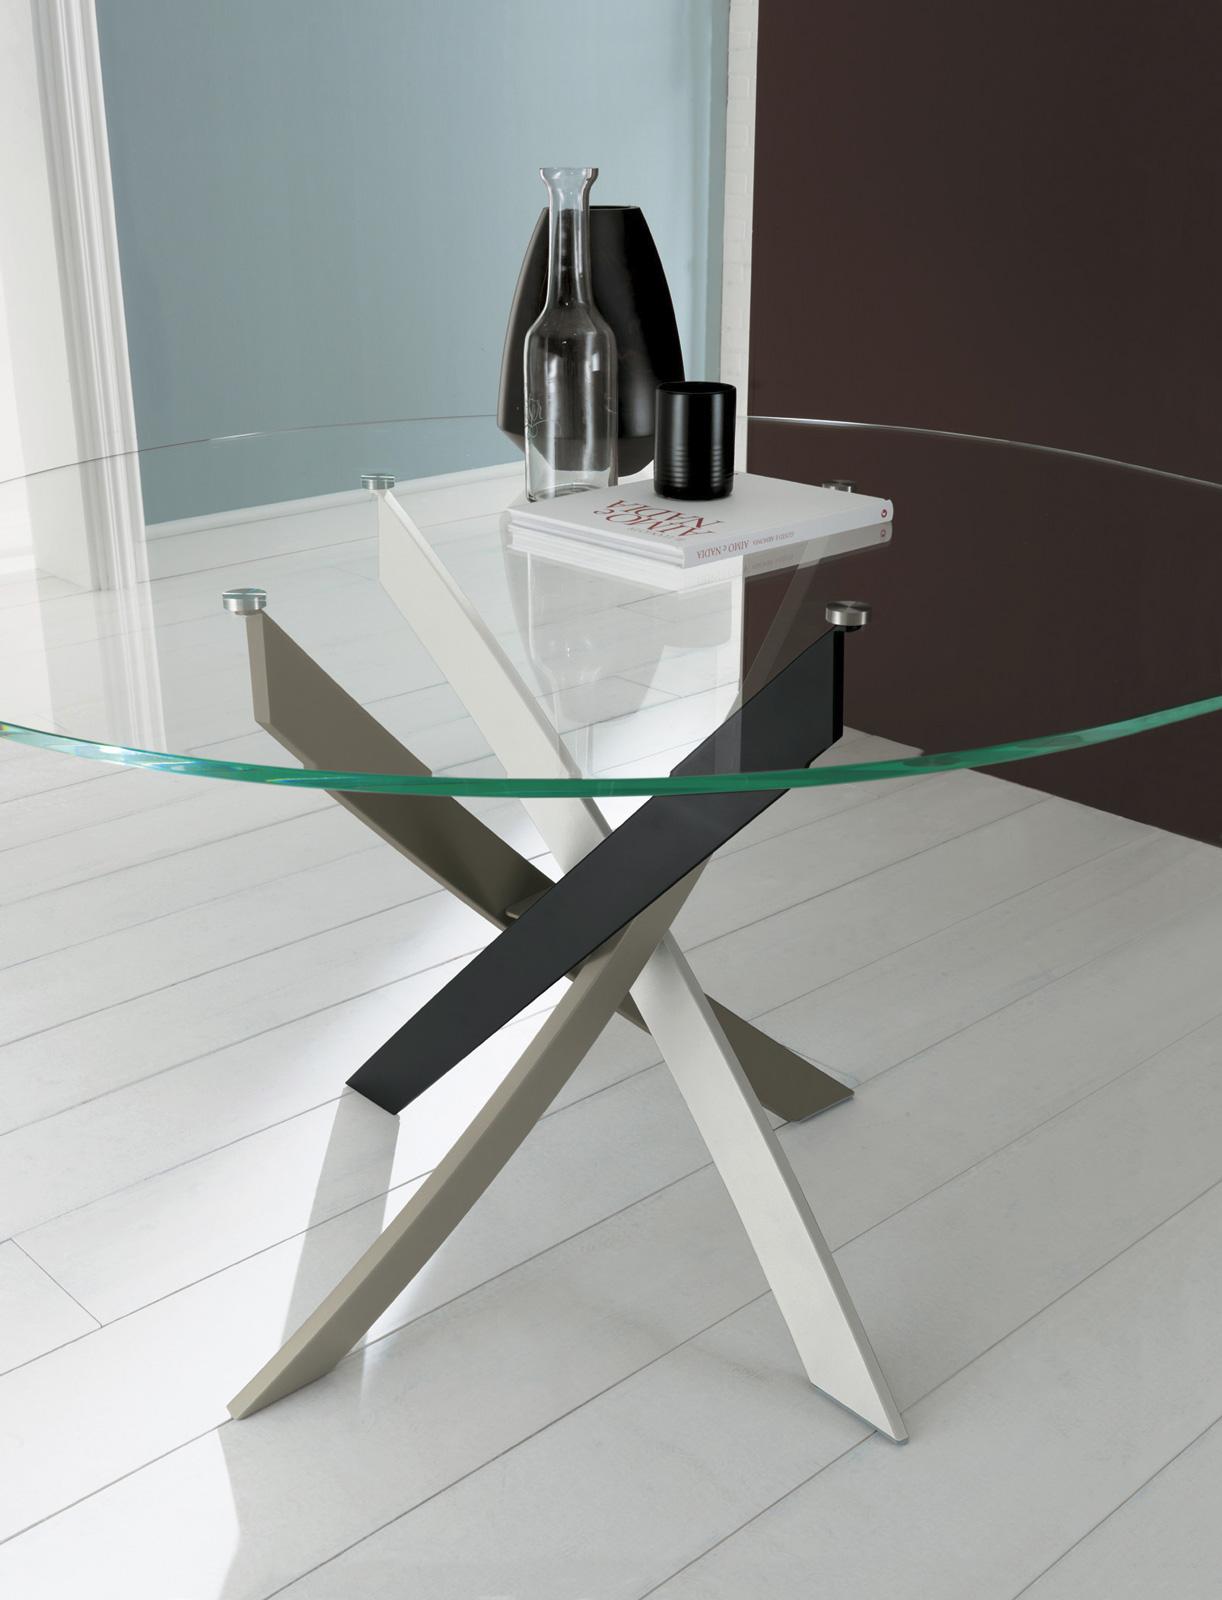 Bontempi barone tavolo for Tavolo ovale cristallo allungabile